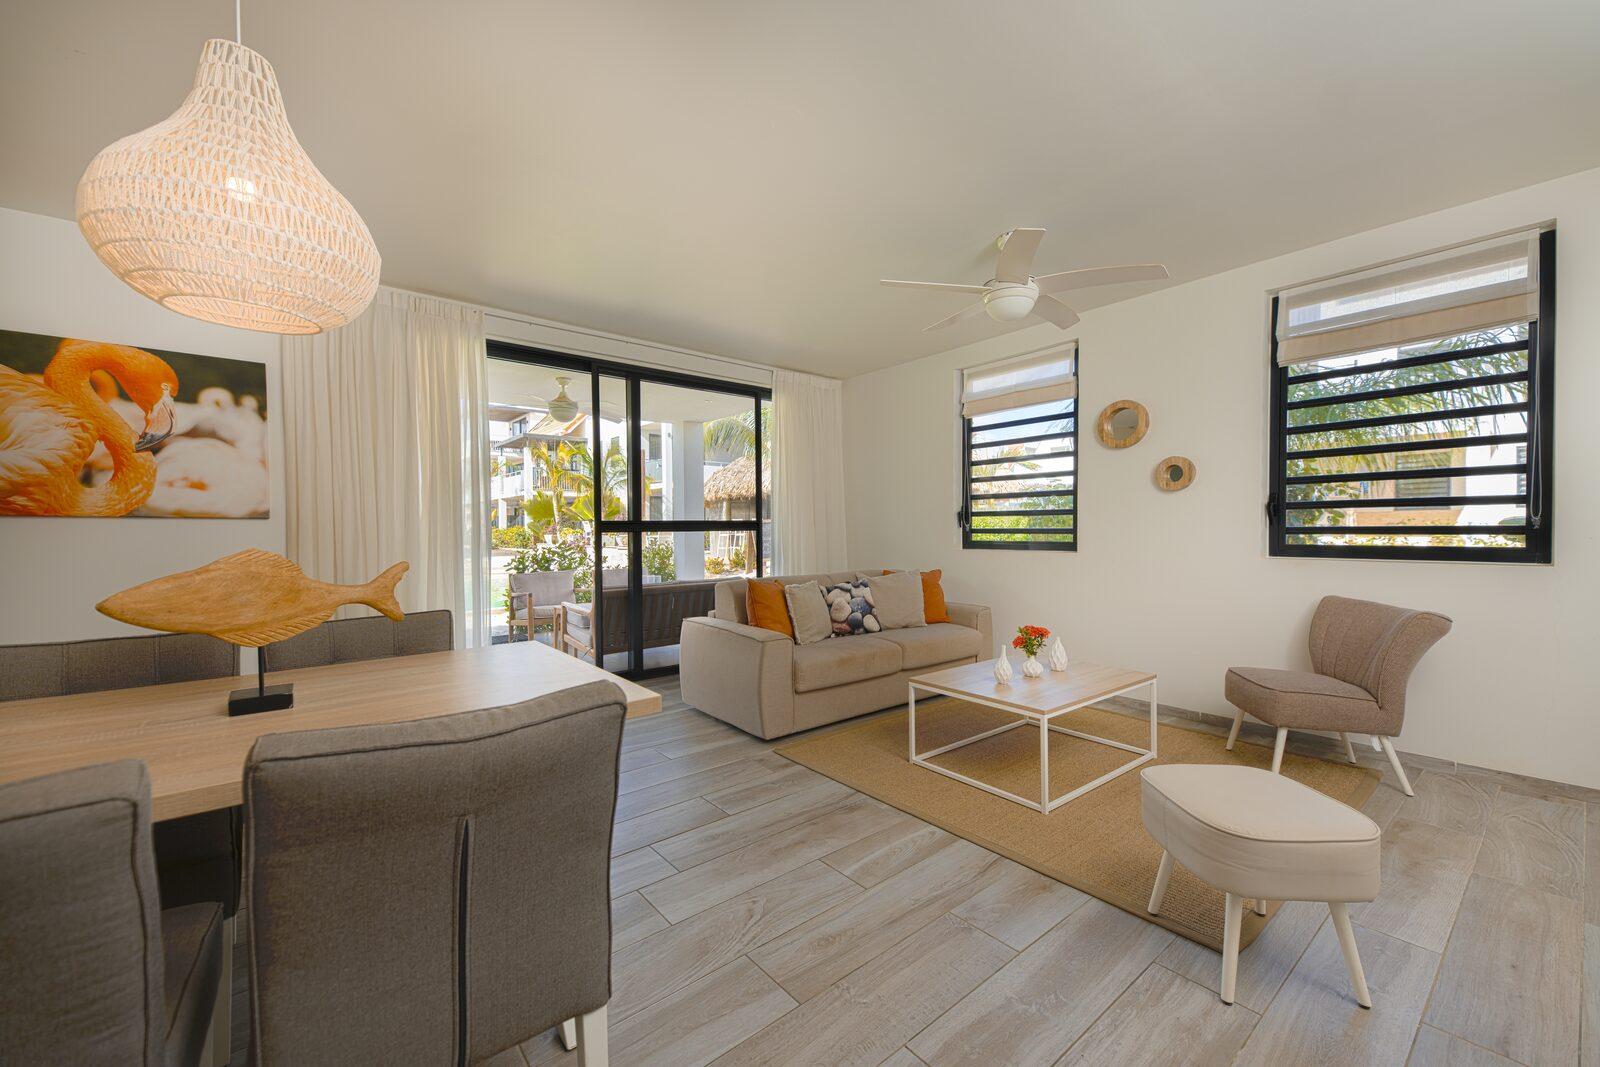 Suchen Sie nach einer Ferienwohnung auf Bonaire? Schauen Sie sich hier die verfügbaren Unterkünfte in unserem Resort an.